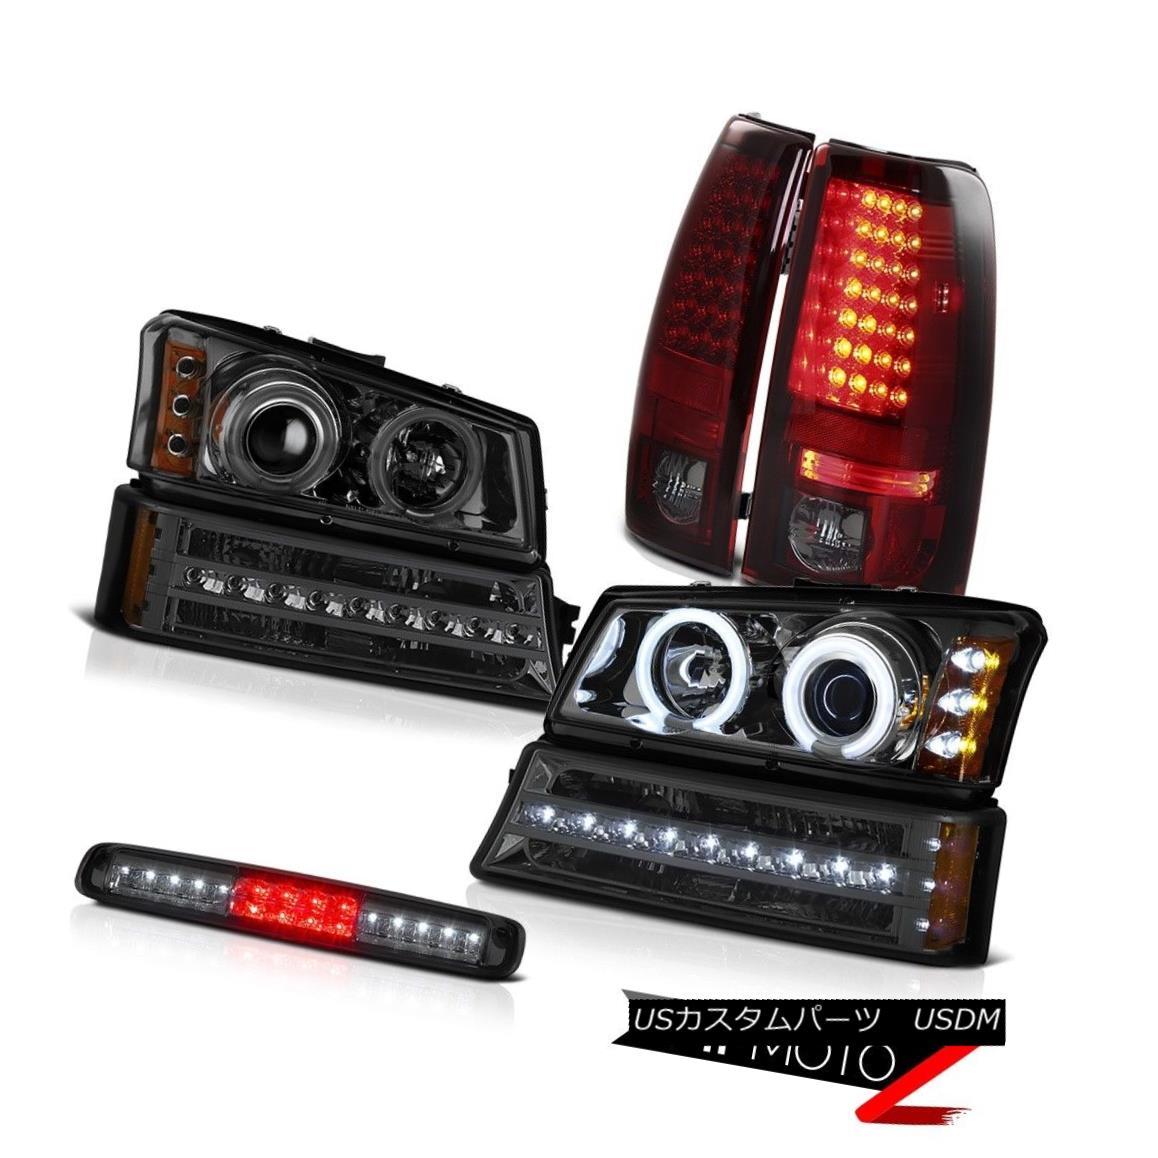 ヘッドライト 2003-2006 Silverado Roof Brake Light Signal Headlights Rosso Burgundy Rear Lamps 2003年 - 2006年シルラードルーフブレーキライトシグナルヘッドライトロッソバーガンディリアランプ